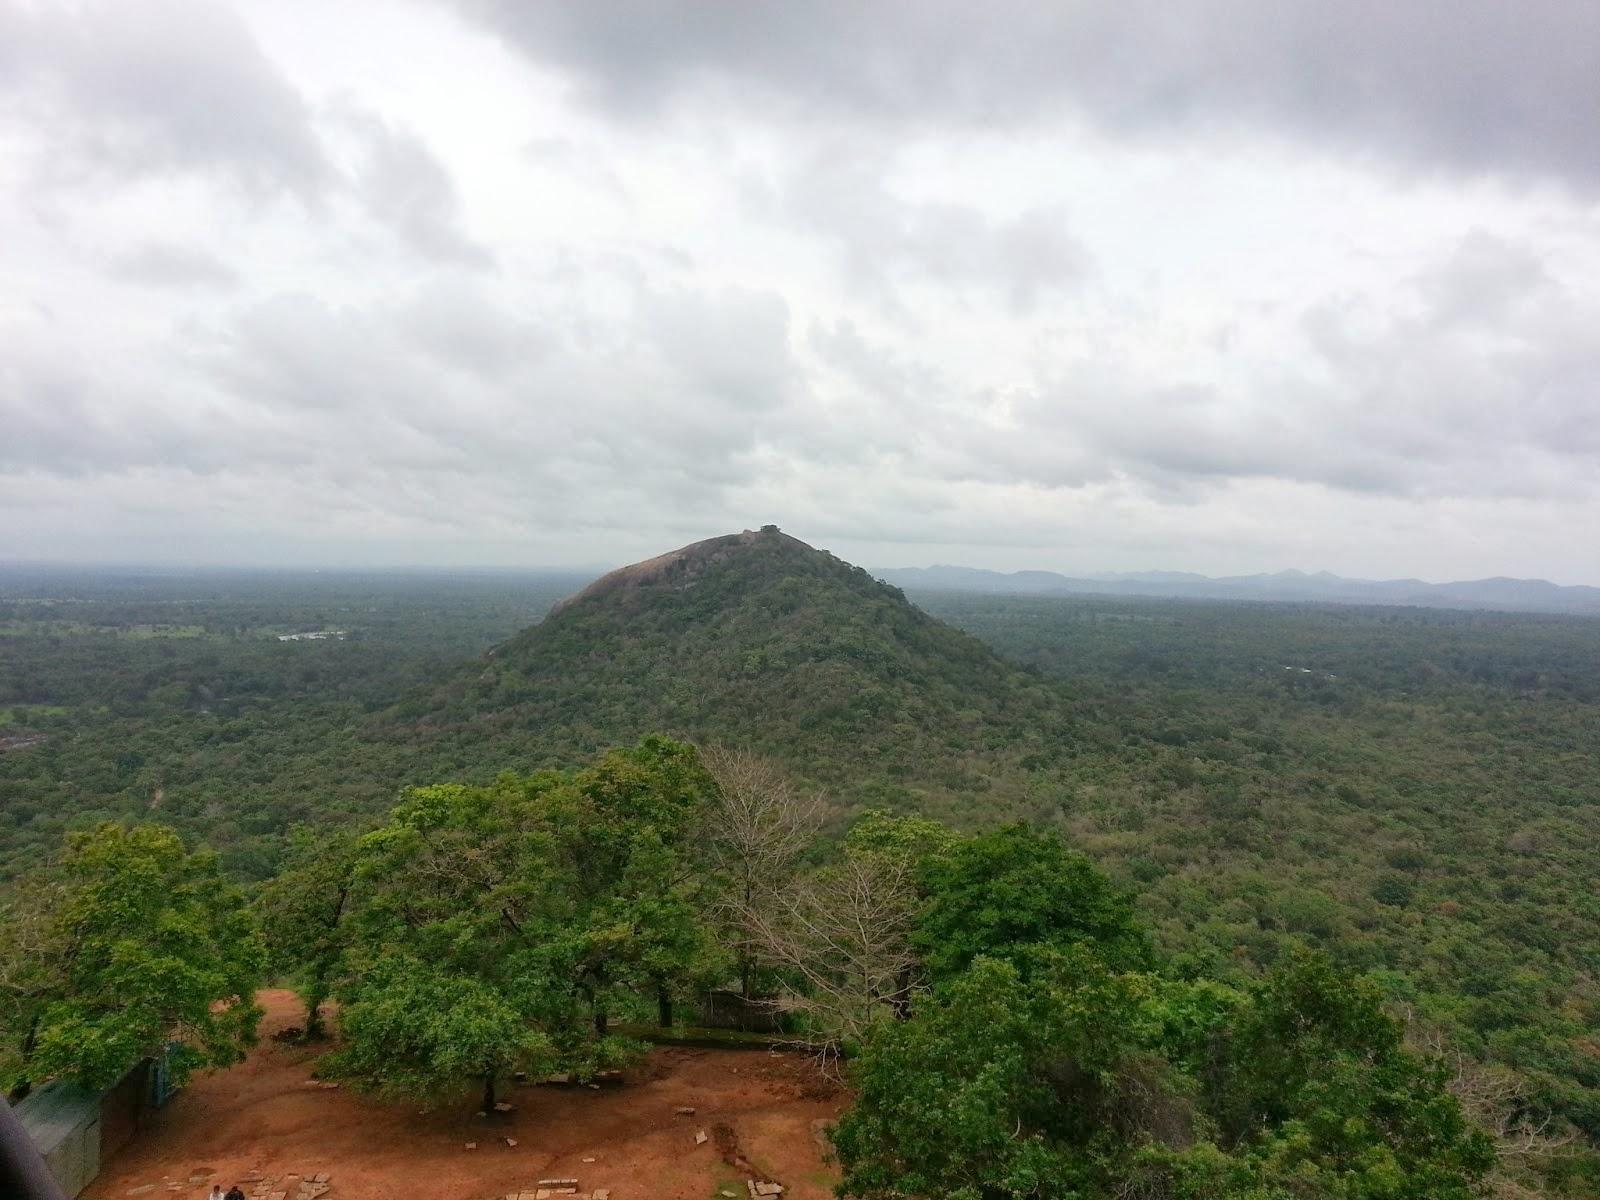 Вид на скалу Пидурангала с вершины Сигирии, балансирующий камень, сейсмометр, датчик землетрясений, древние технологии